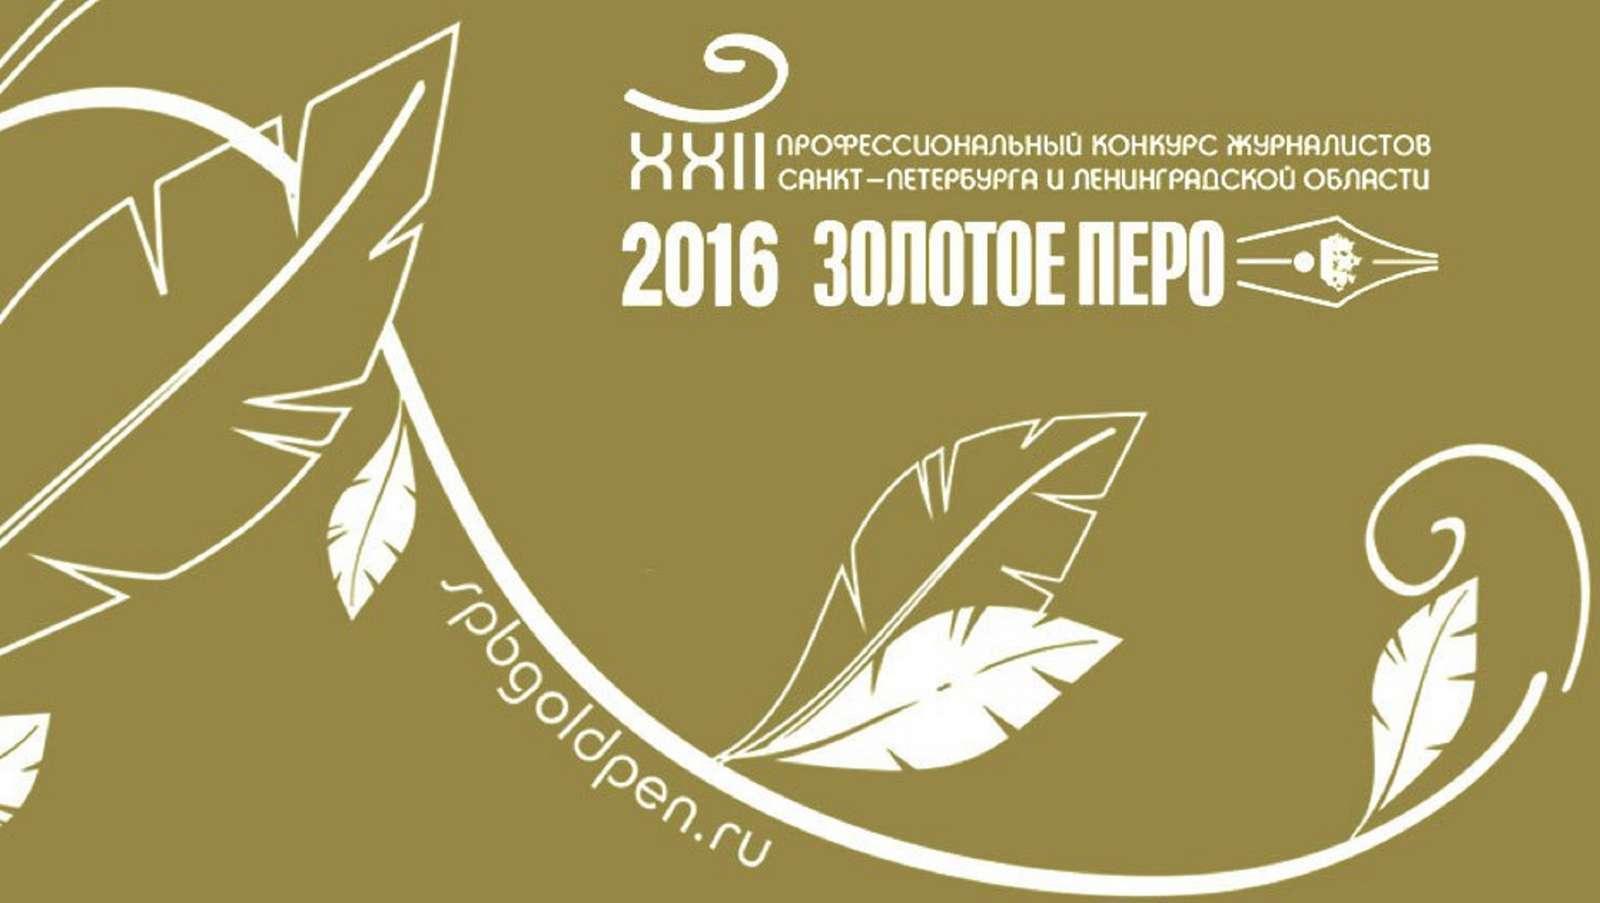 Конкурс золотое перо 2017 официальный сайт